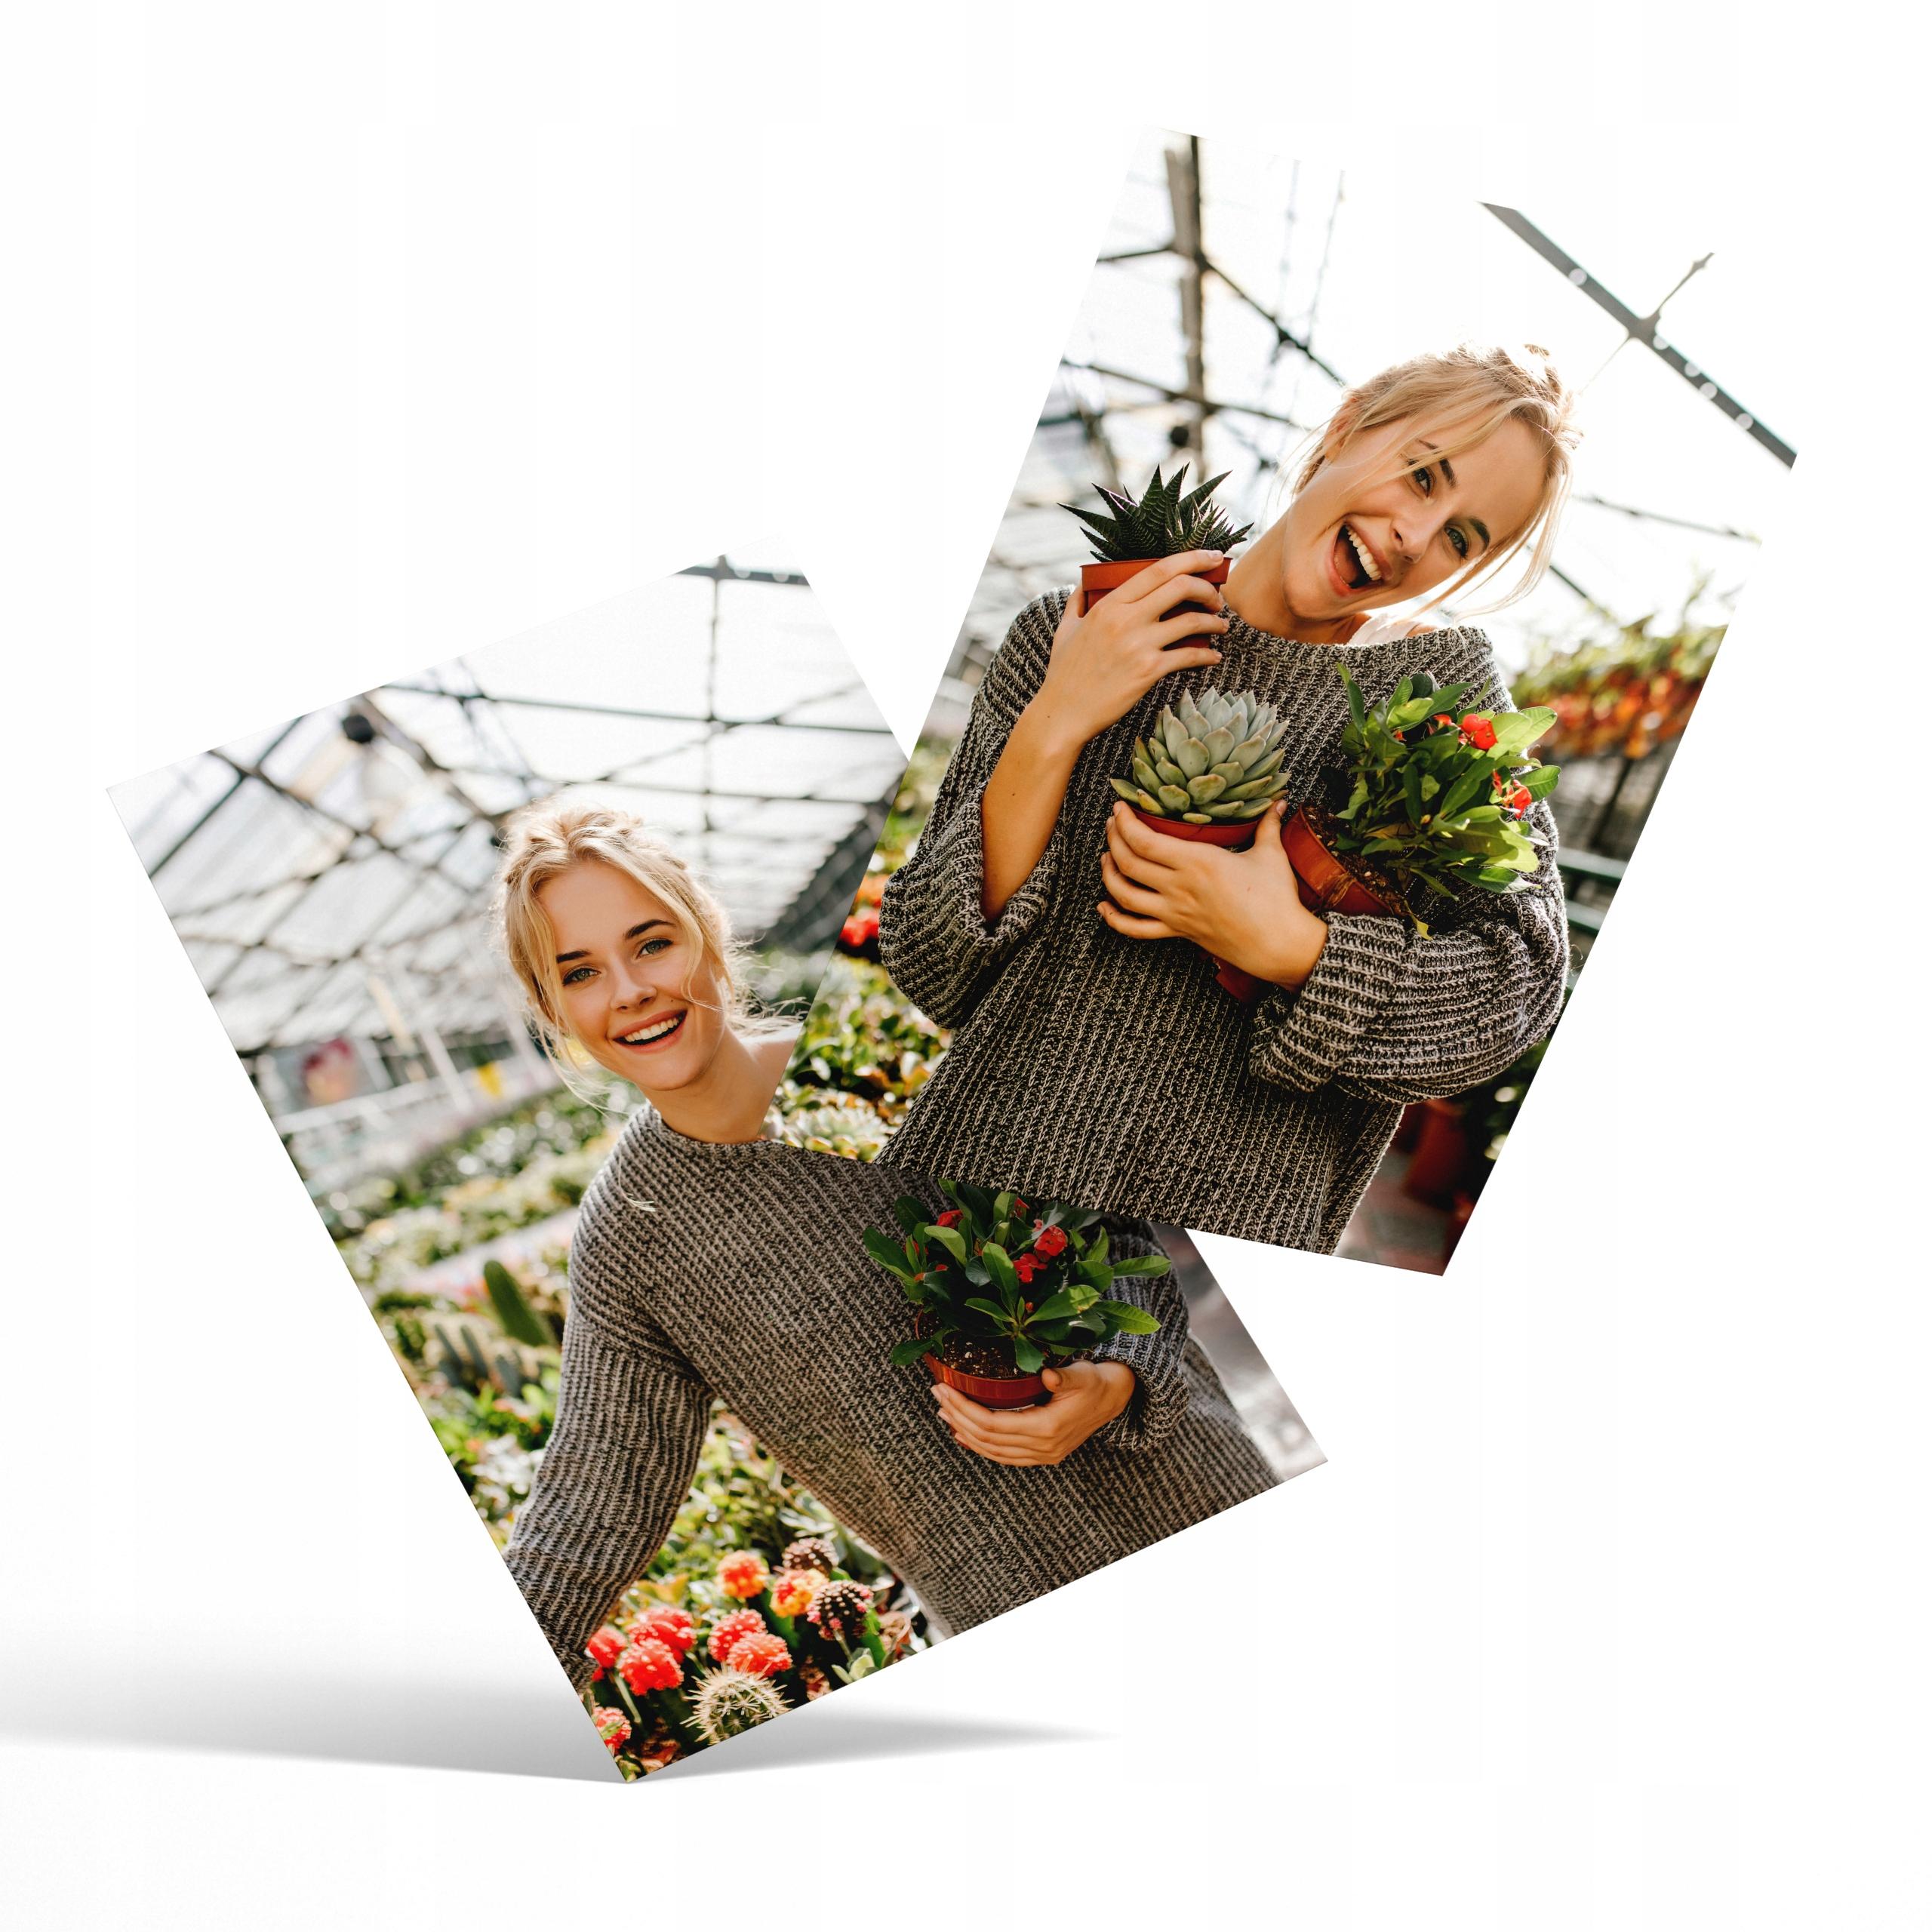 Wywoływanie 5 zdjęć 10x15 wywołanie odbitki